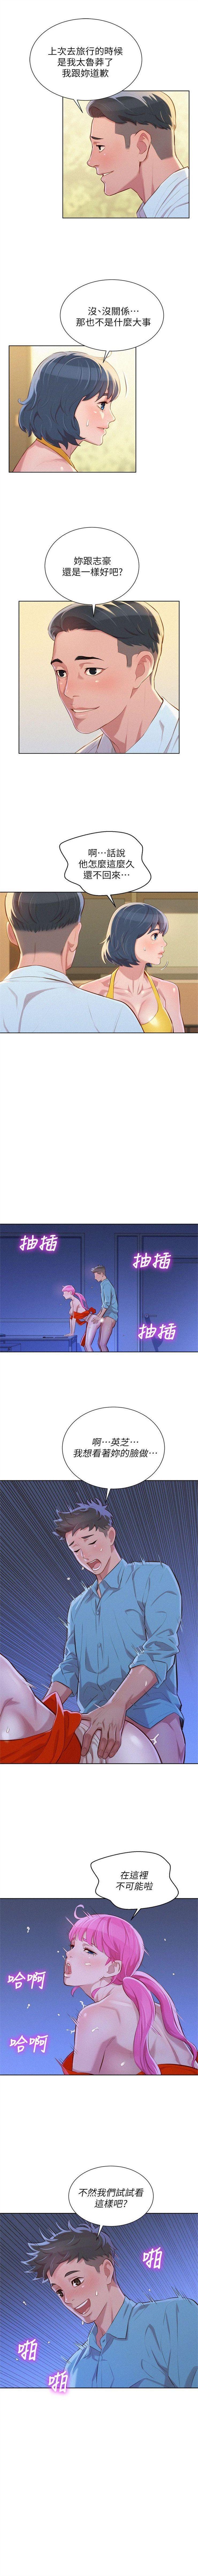 (周7)漂亮干姐姐  1-79 中文翻译 (更新中) 218